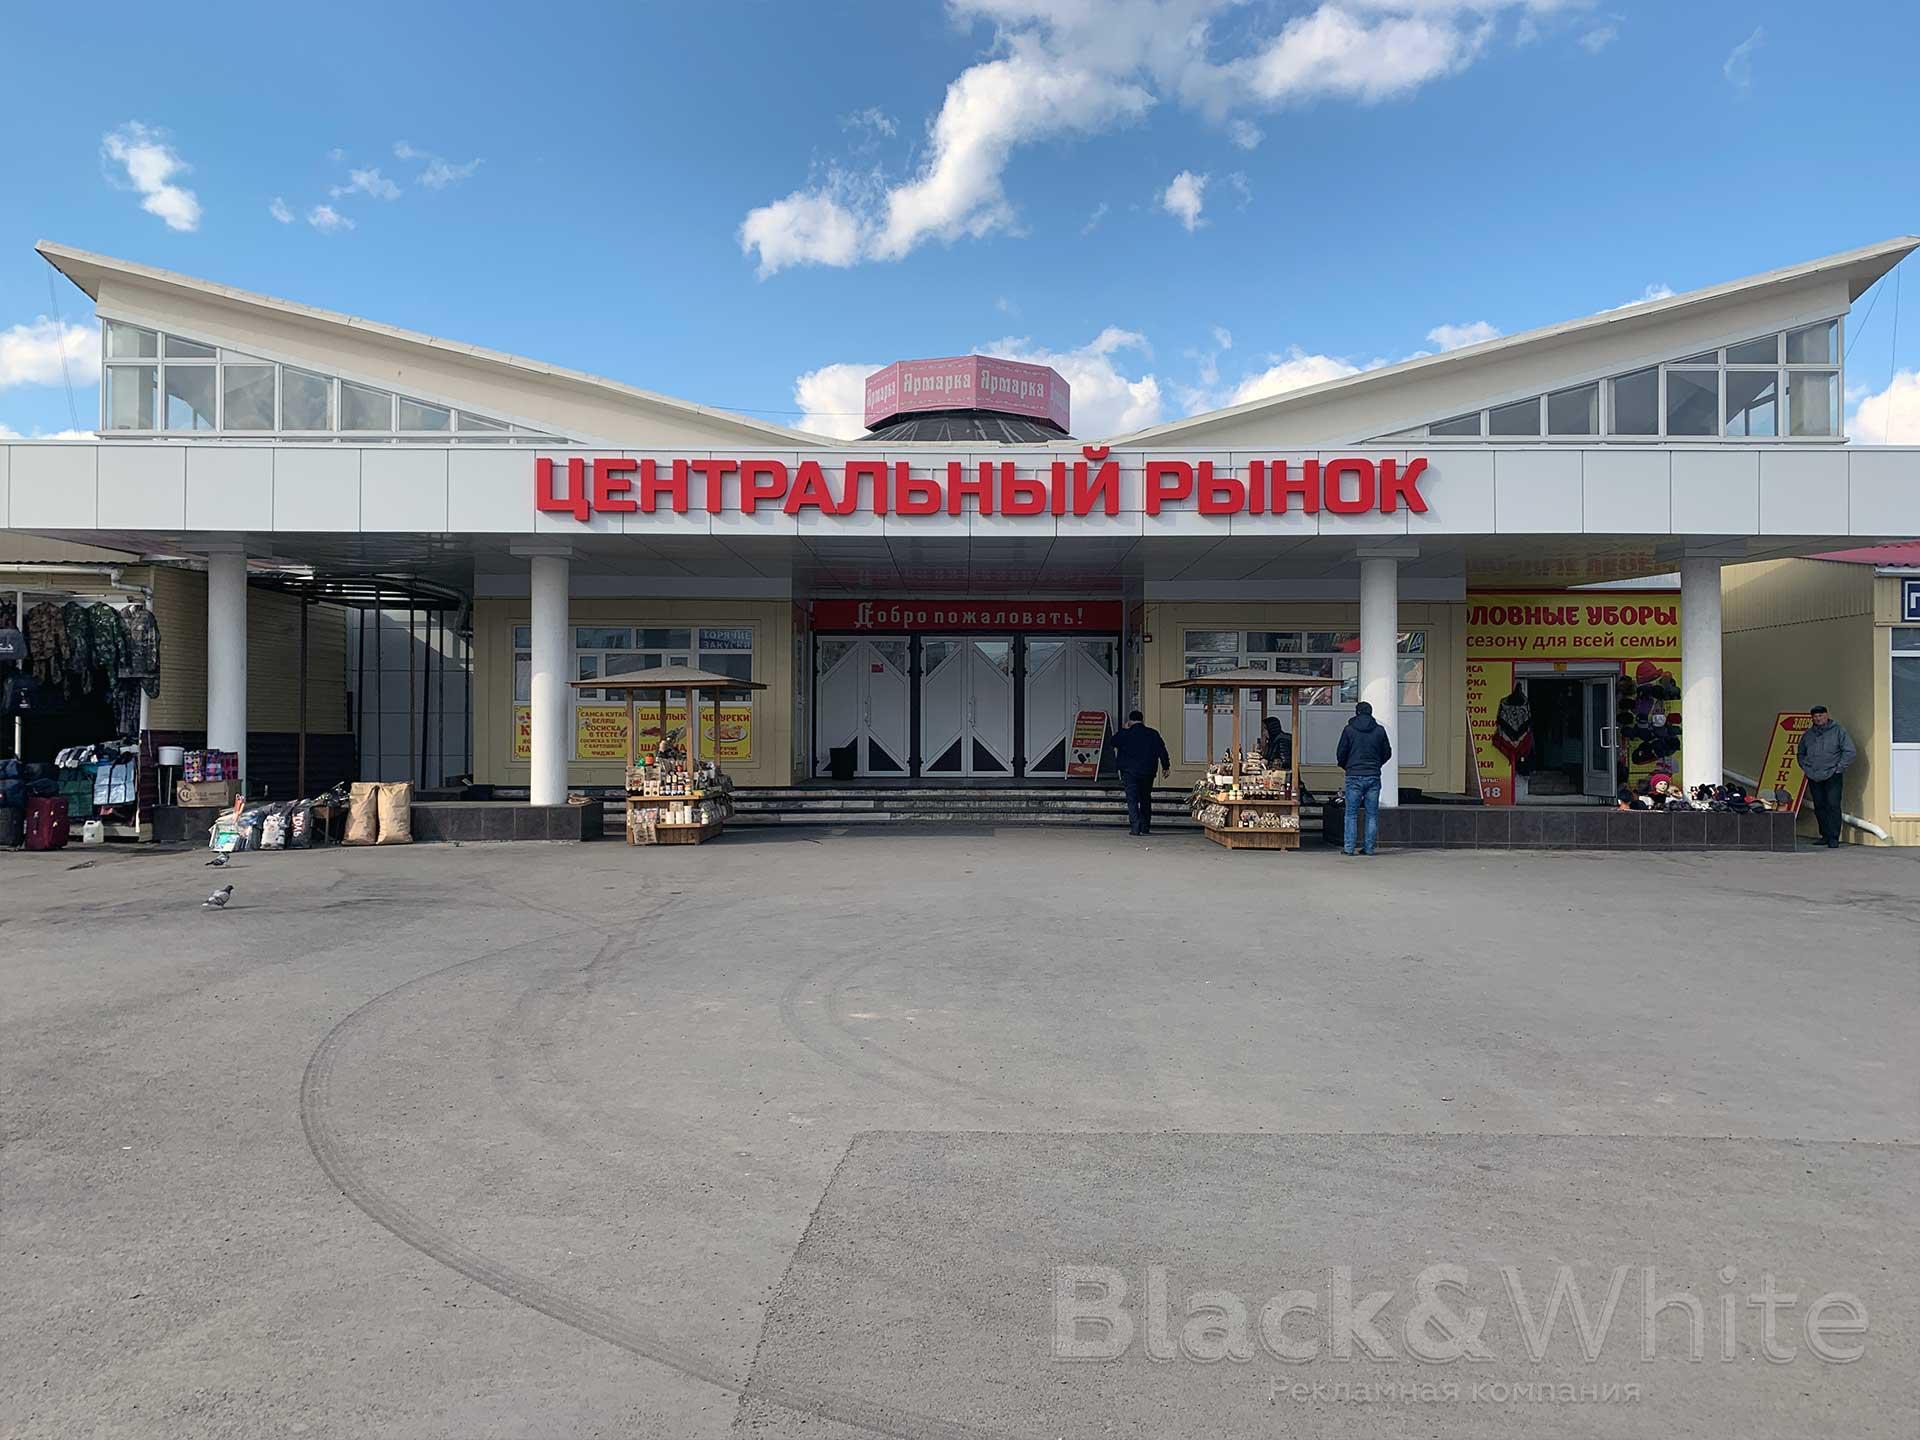 вывеска-для-центрального-рынка-со-световыми-объёмными-буквами-на-металлокаркасе-в-Красноярске.jpg